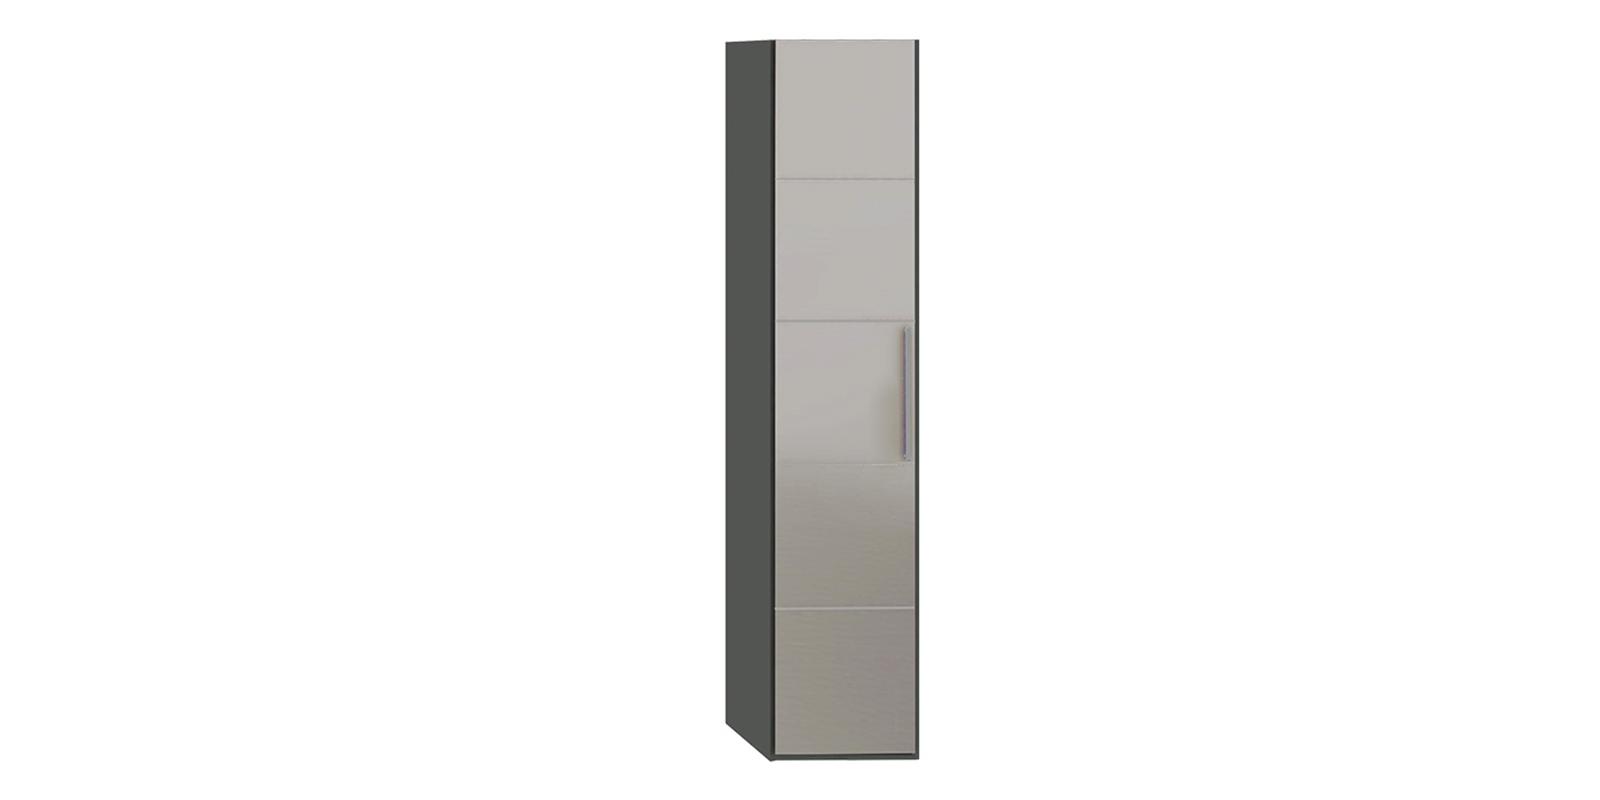 Шкаф распашной однодверный Сорренто торцевой вариант №2 левый (коричневый/зеркало)